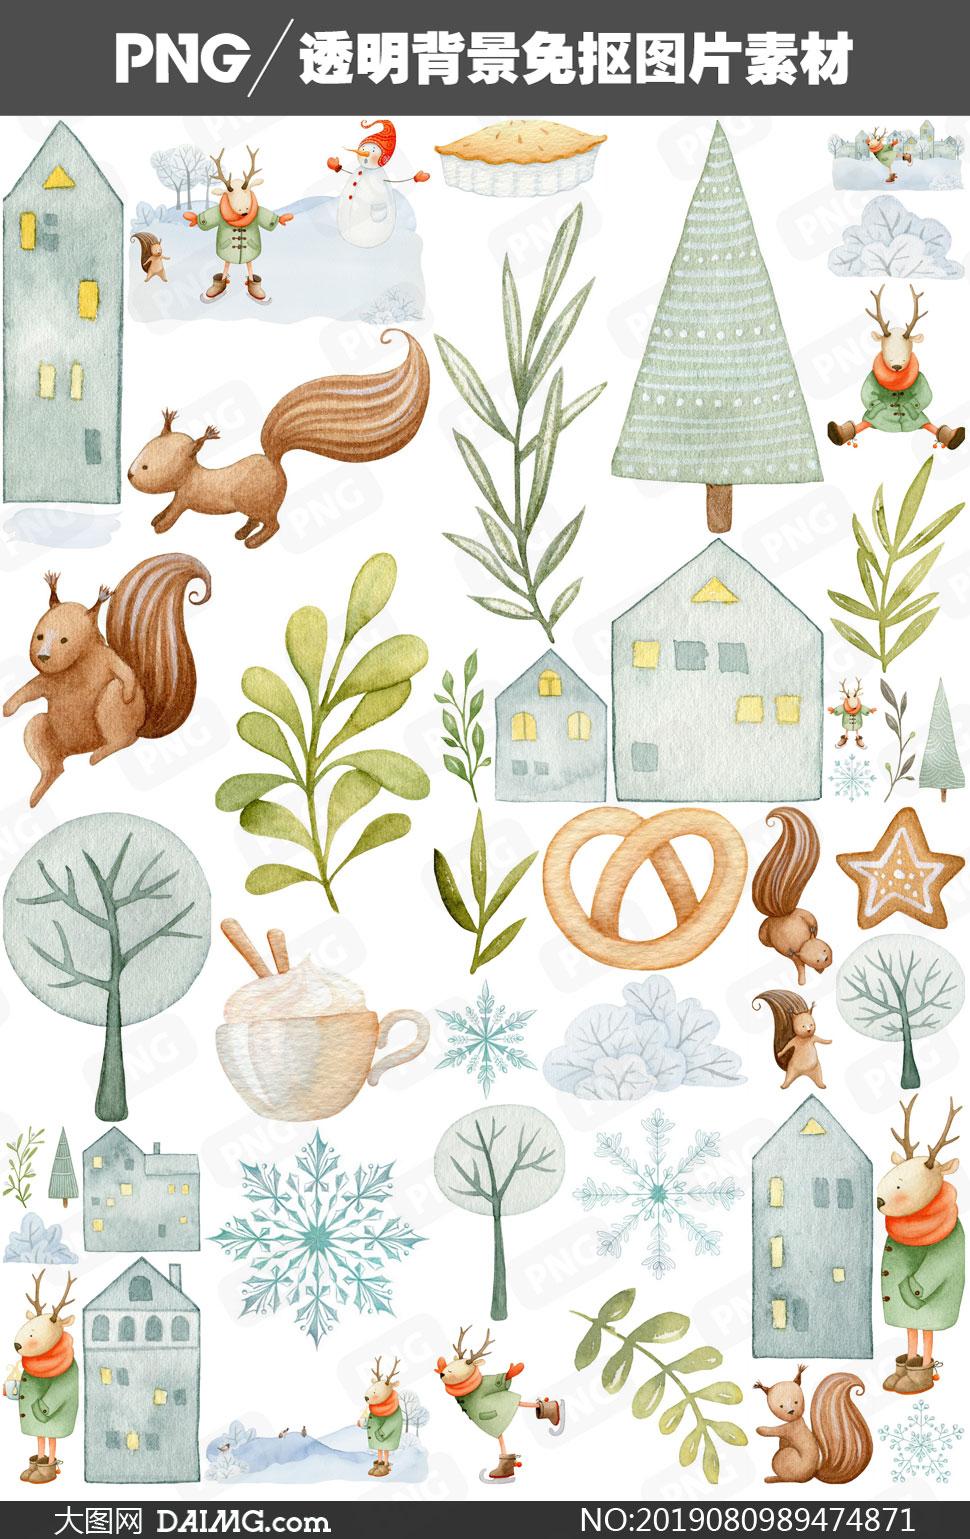 松鼠小鹿與房子等元素免摳圖片素材